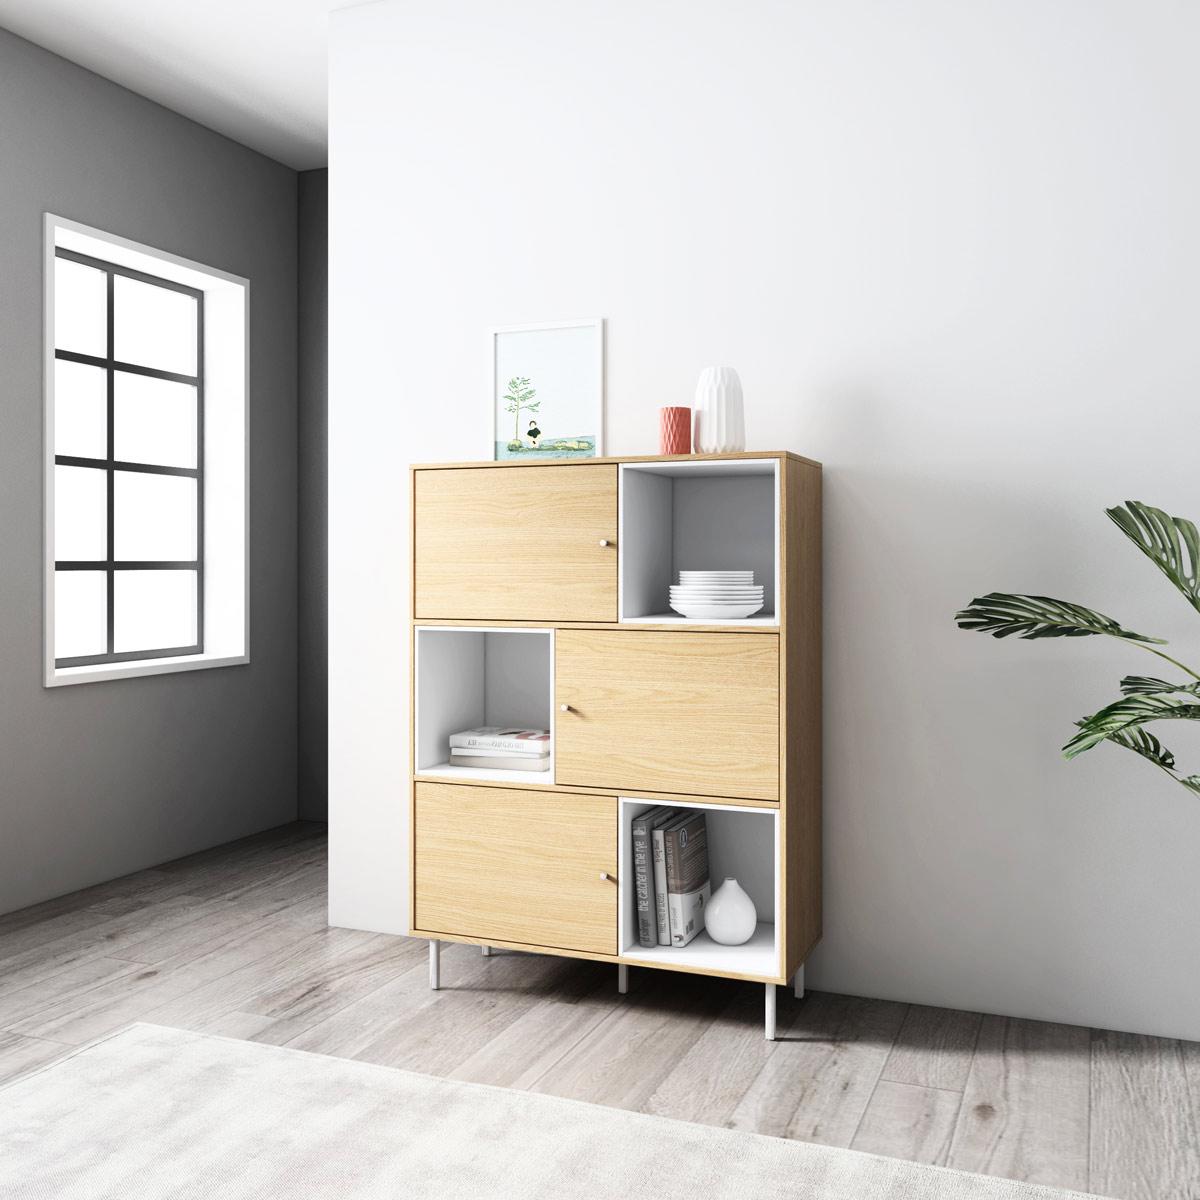 Mueble Kumma Blanco